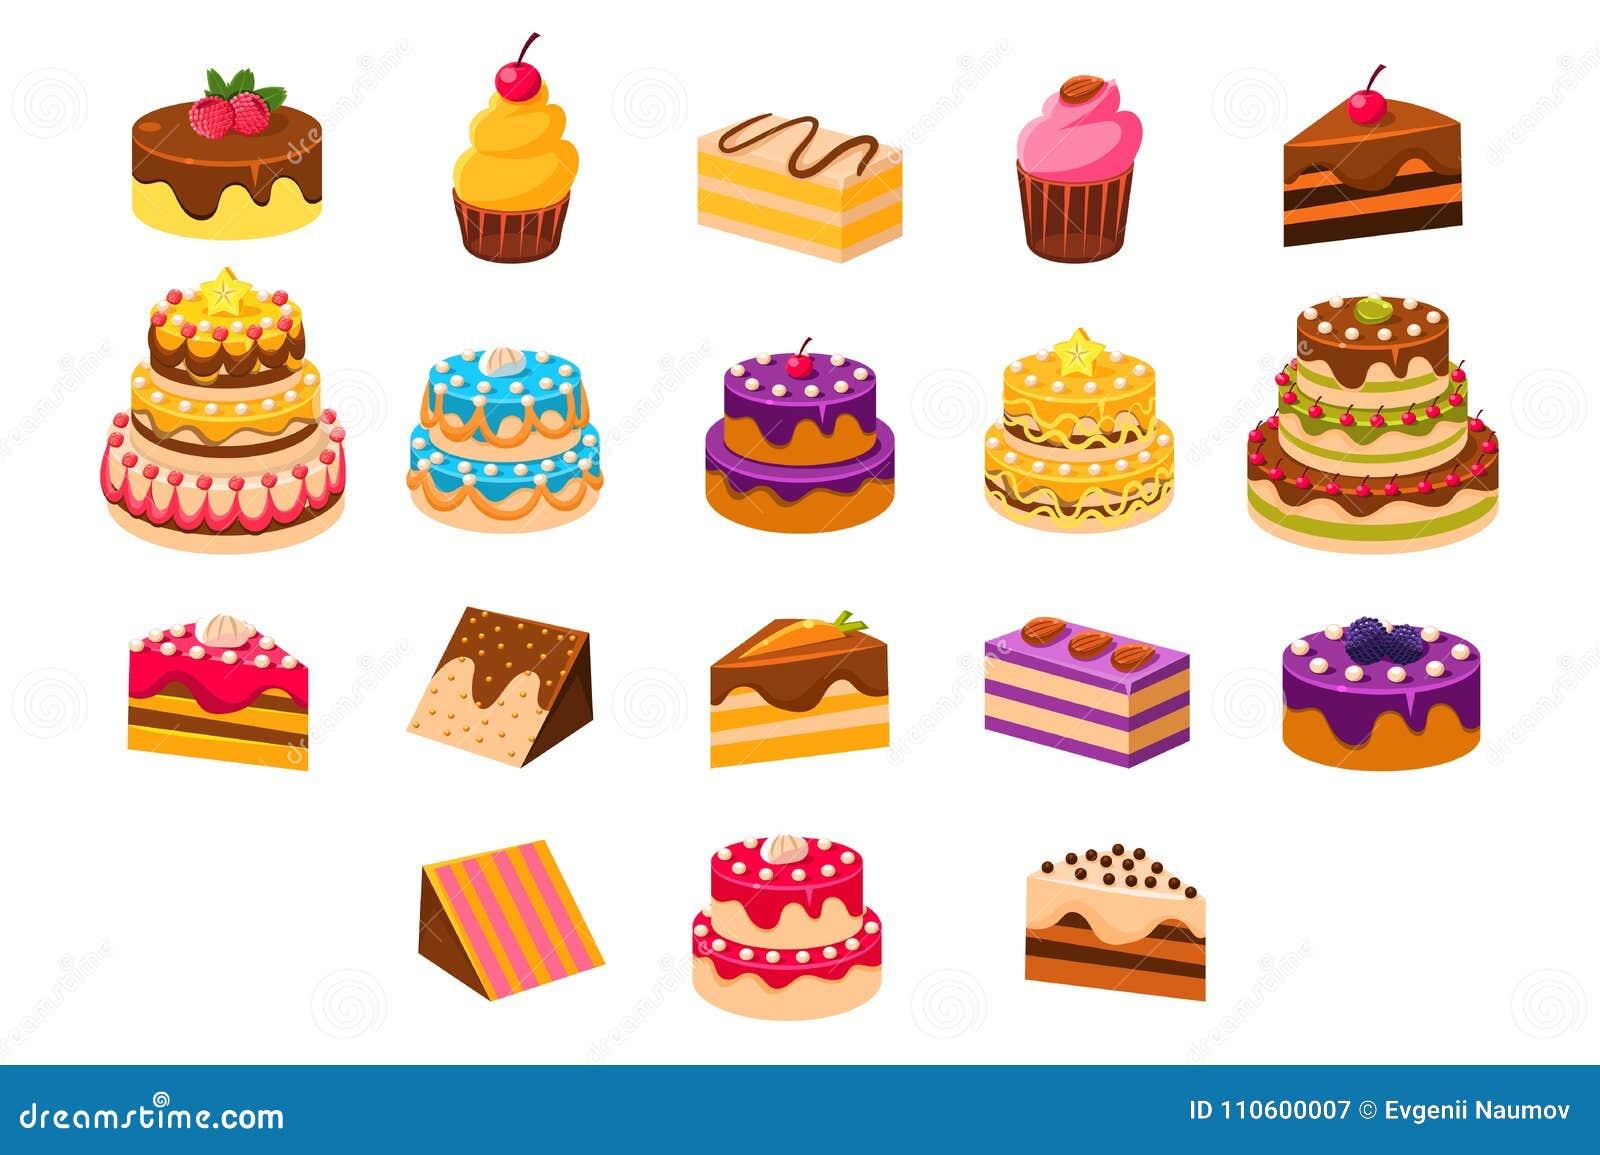 Zasycha sett, słodkich dessetrts, piec torty i babeczki robić, śmietanki, ciastka, czekolady i jagod wektoru ilustracje,